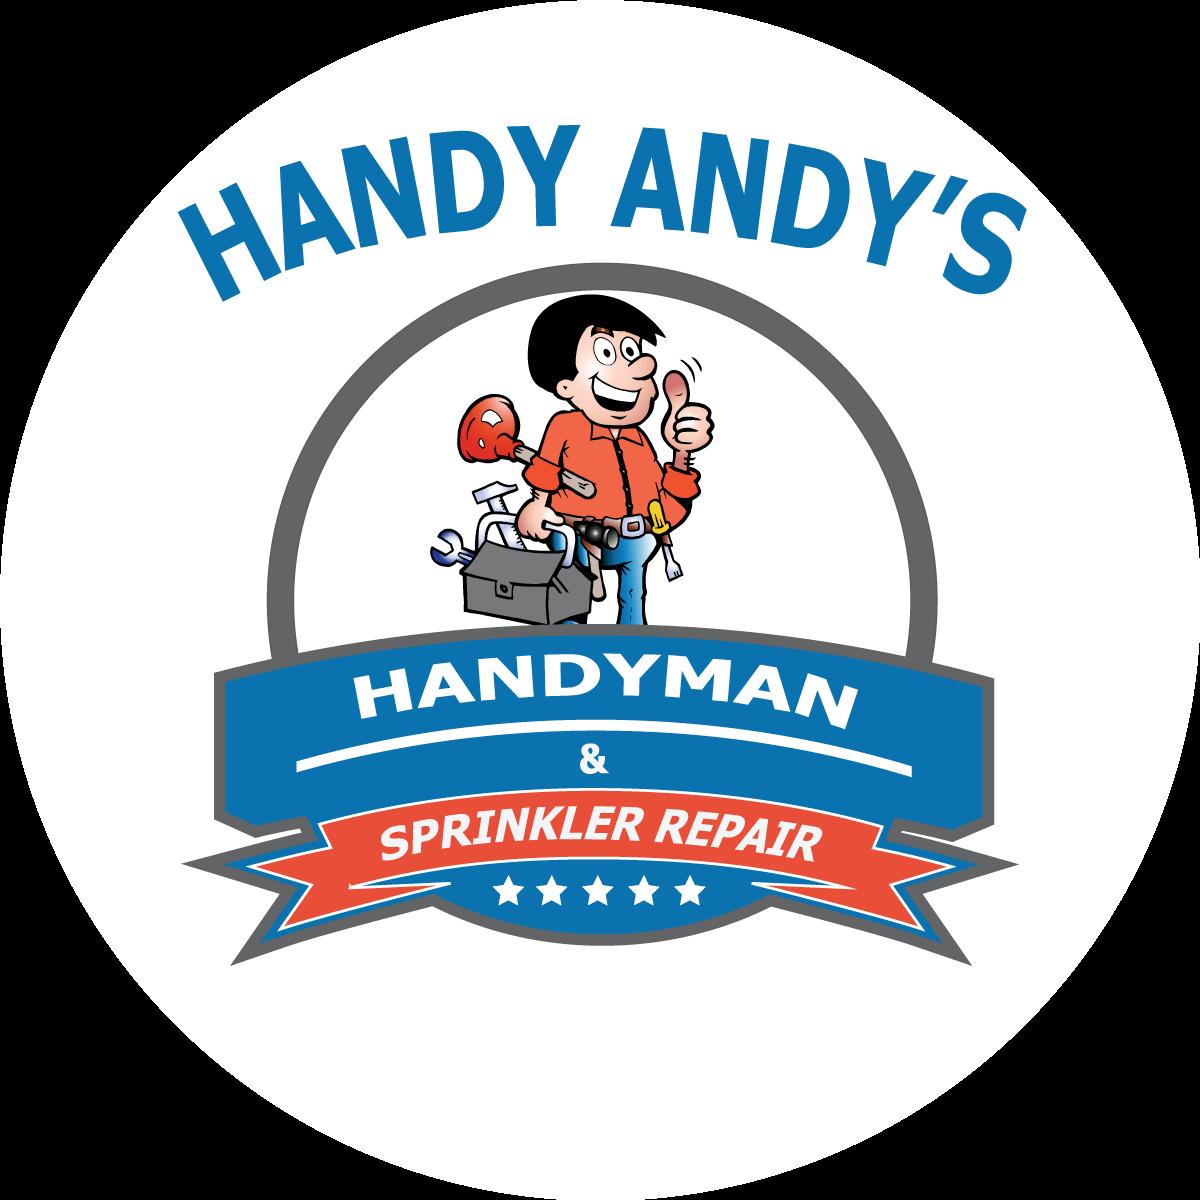 Handy Andy's Handyman & Sprinkler Repair